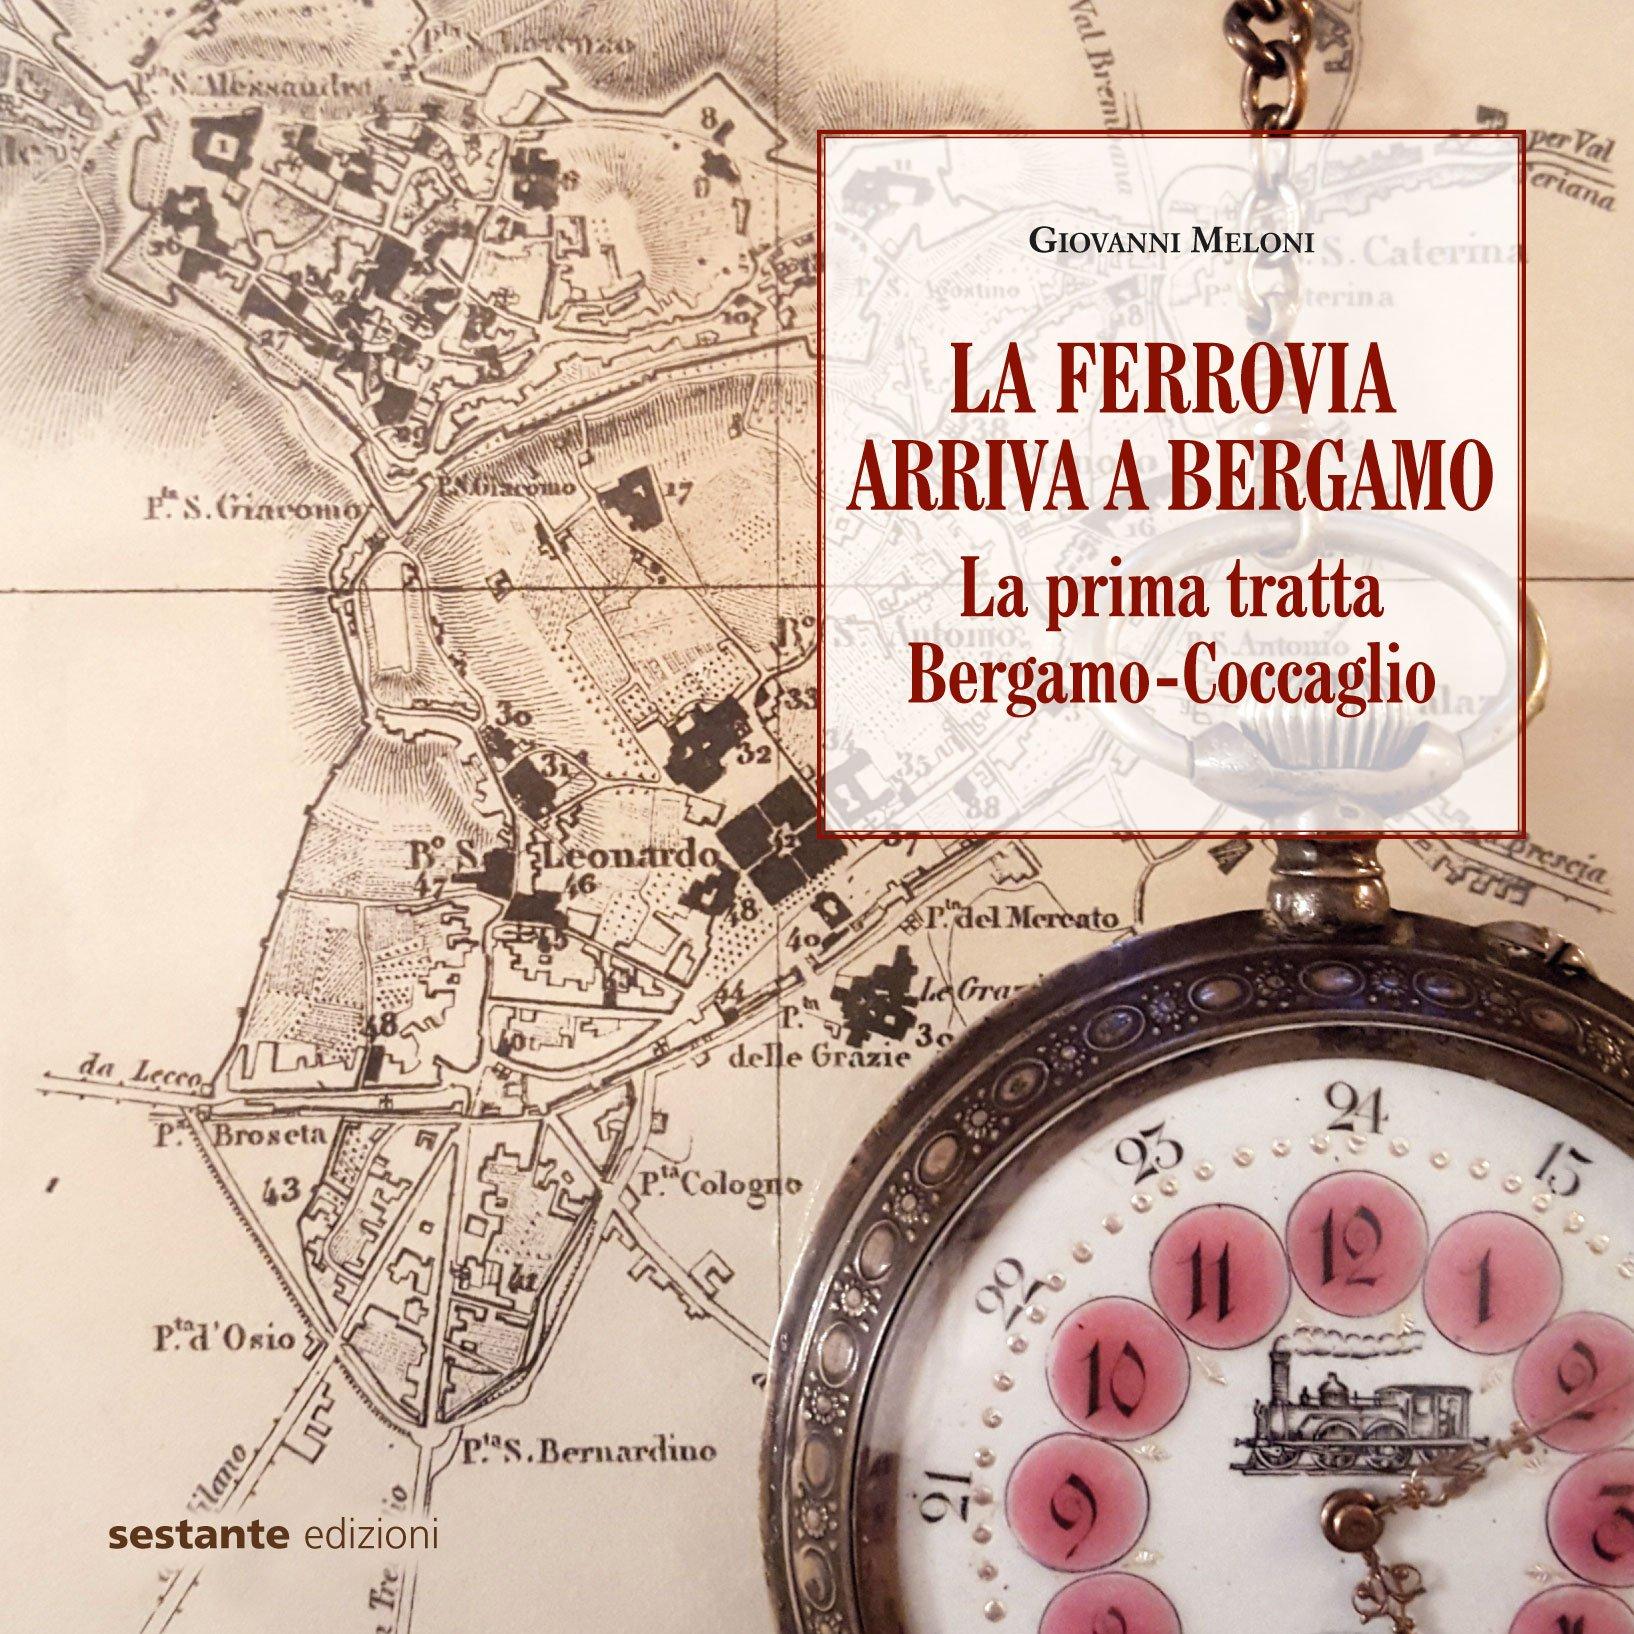 La ferrovia arriva a Bergamo